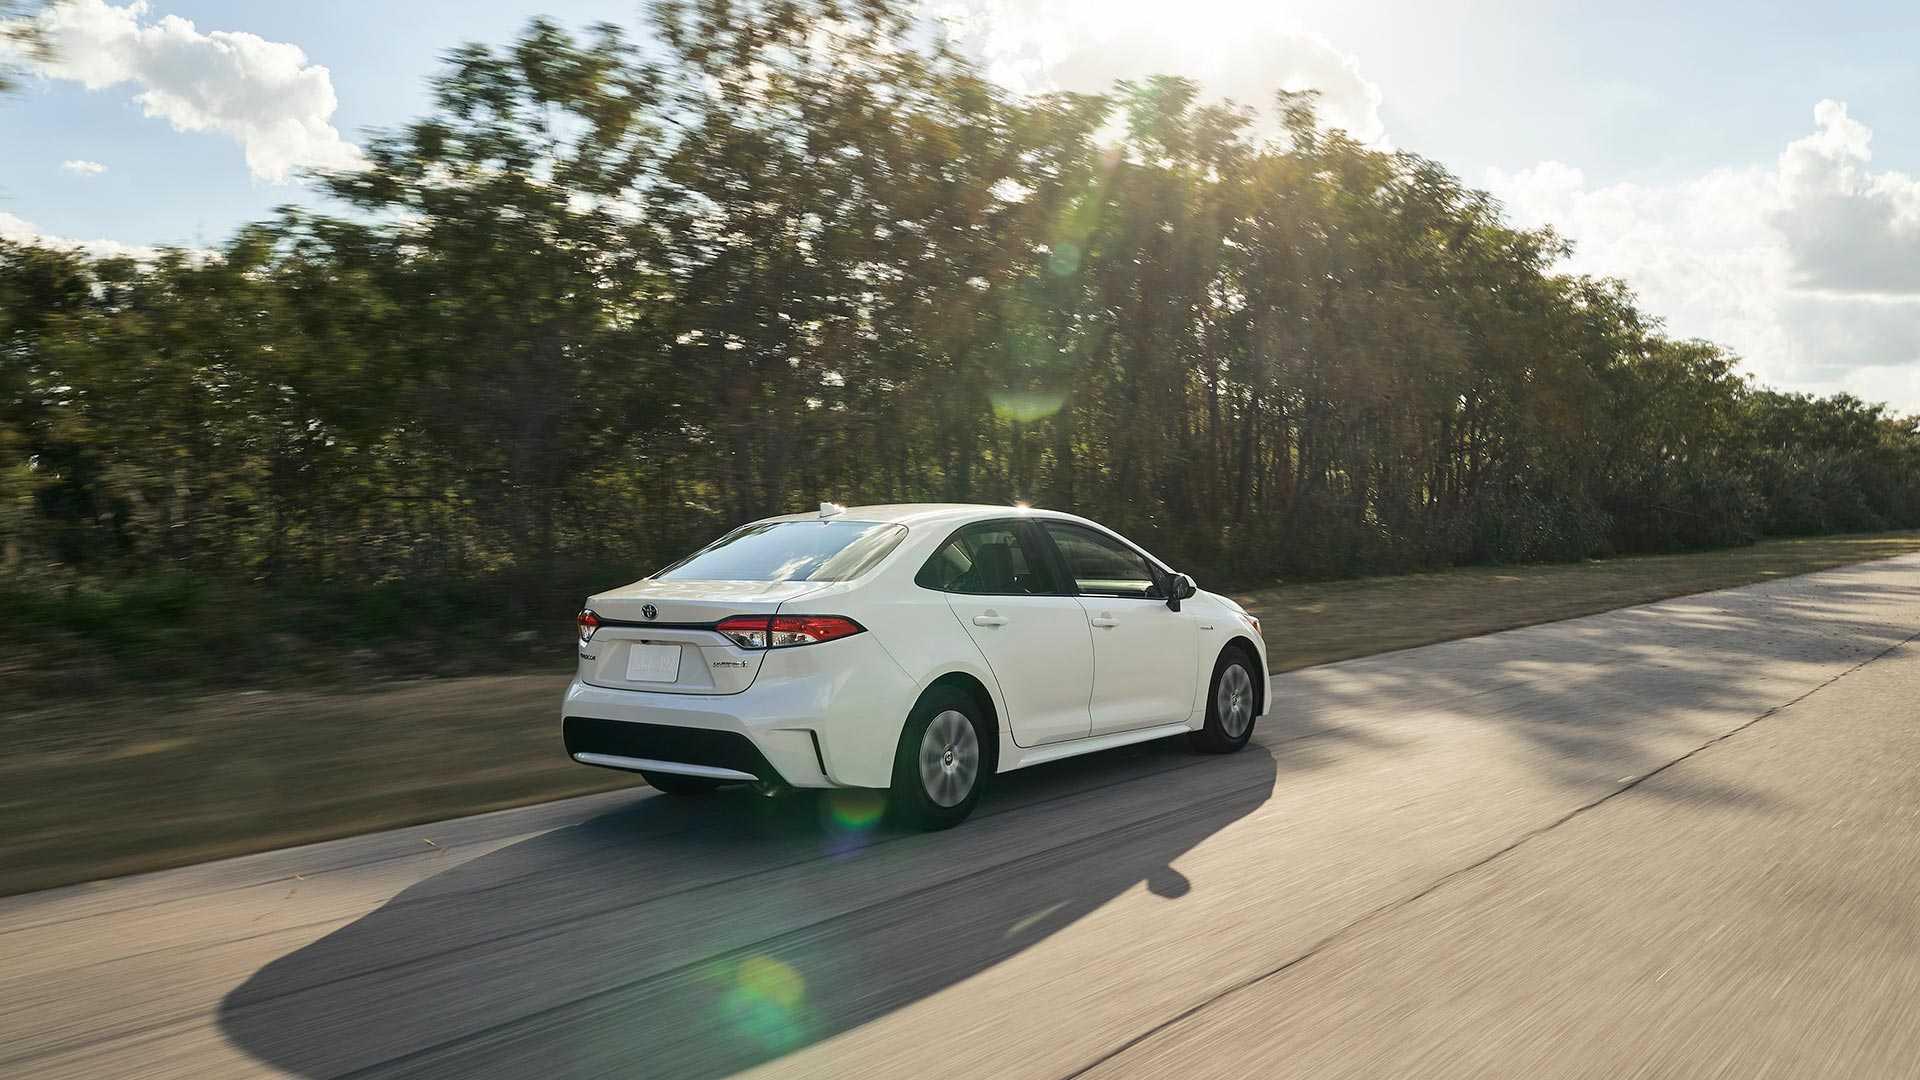 publicité voiture hybride